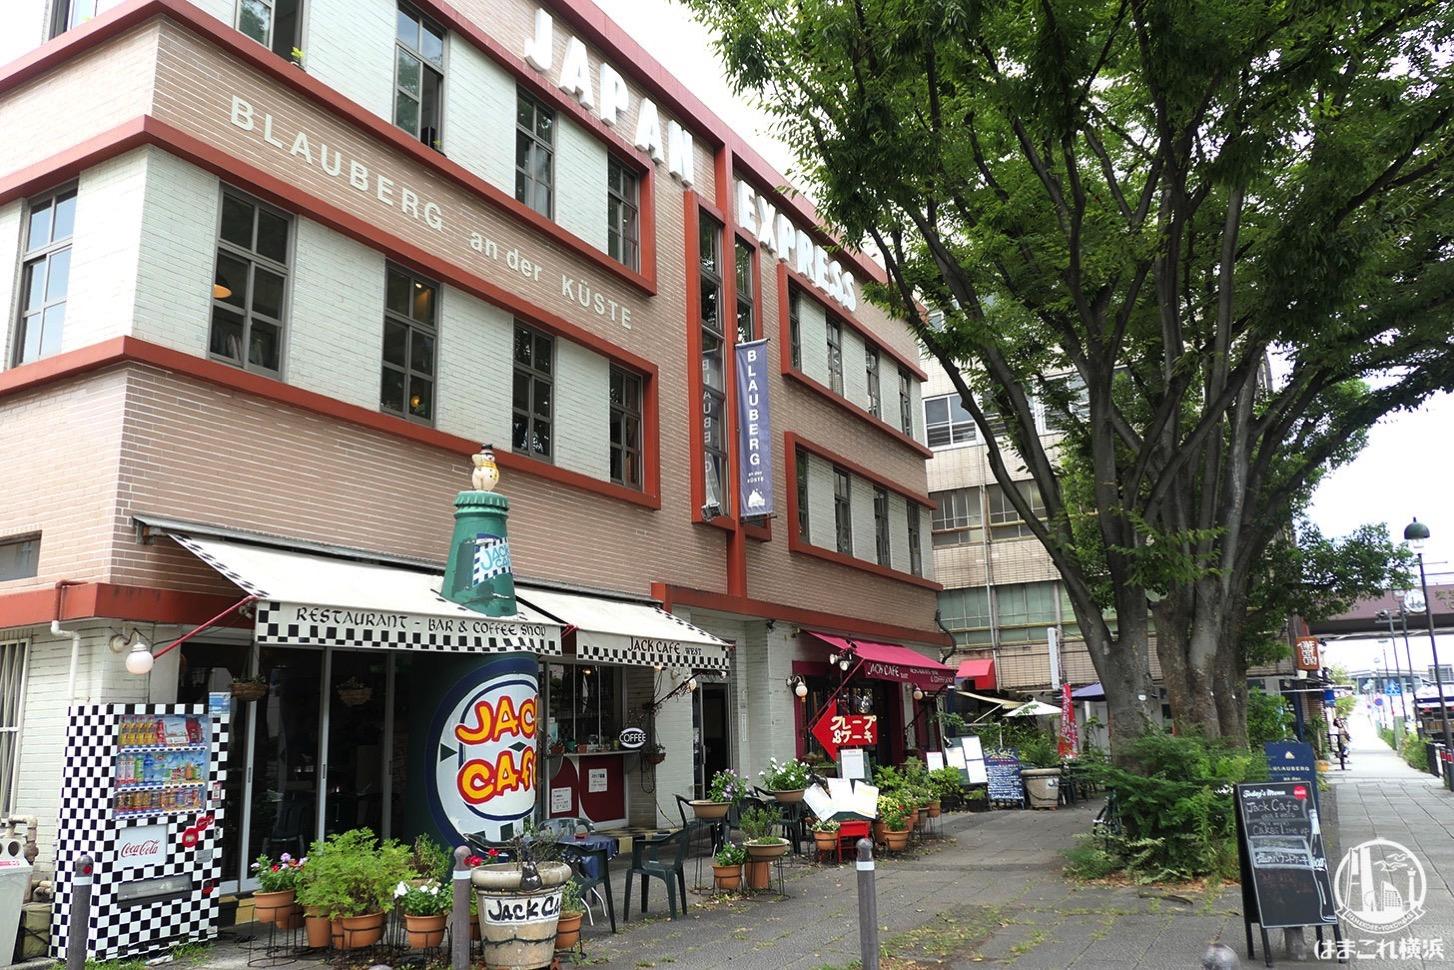 ジャックカフェで歴史感じながら休日のティータイム、横浜港大さん橋そば